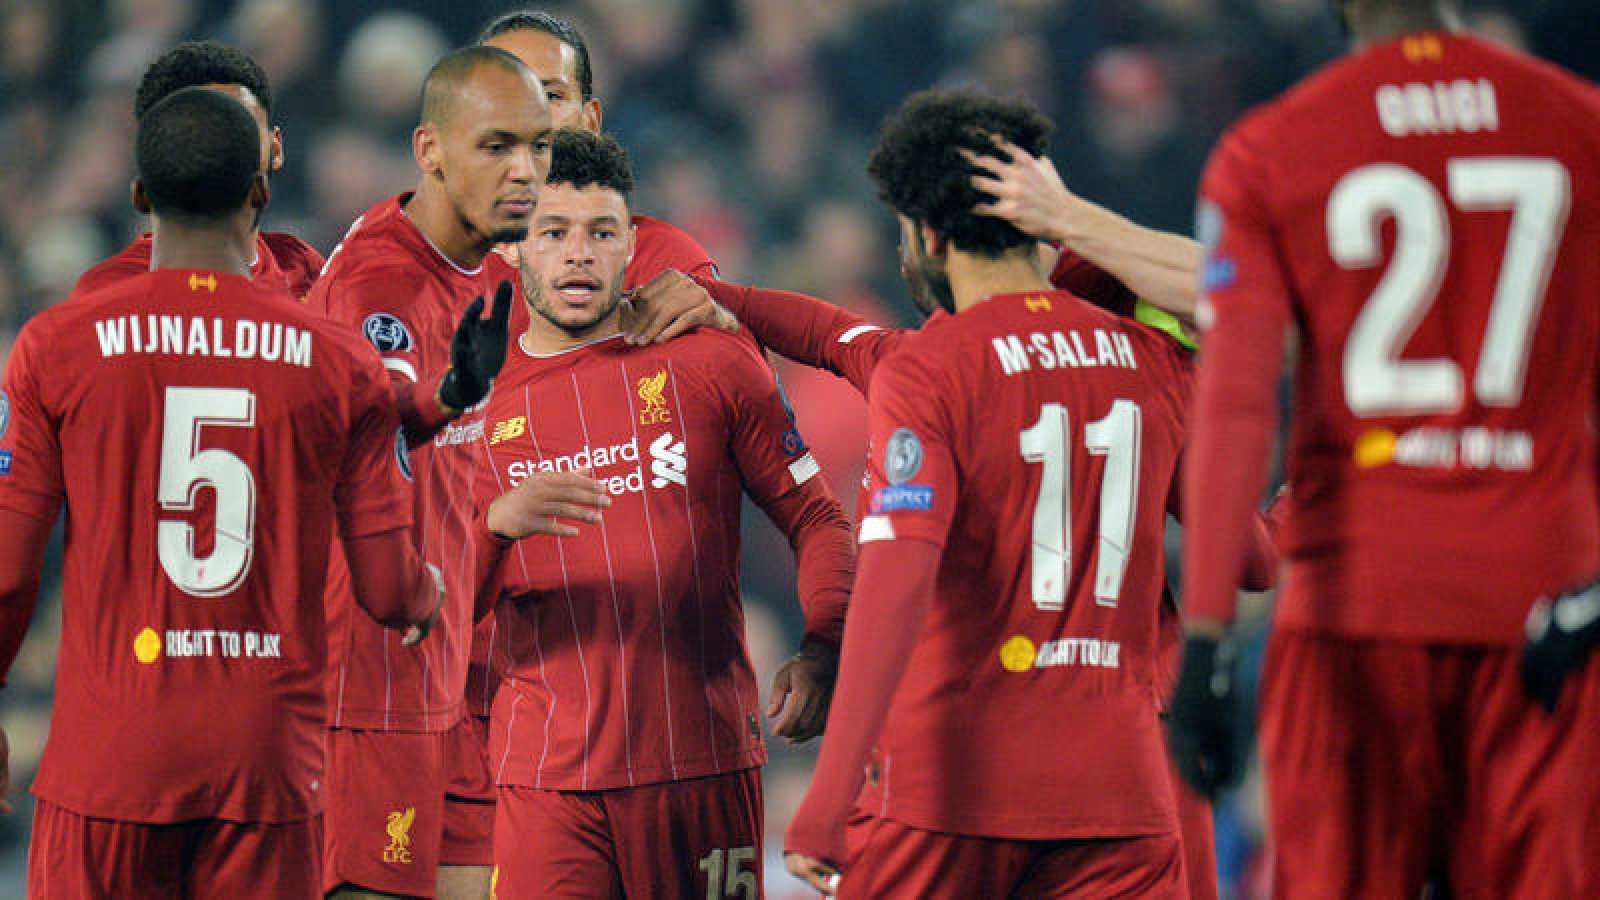 El Liverpool vence al Genk en la cuarta jornada de Champions